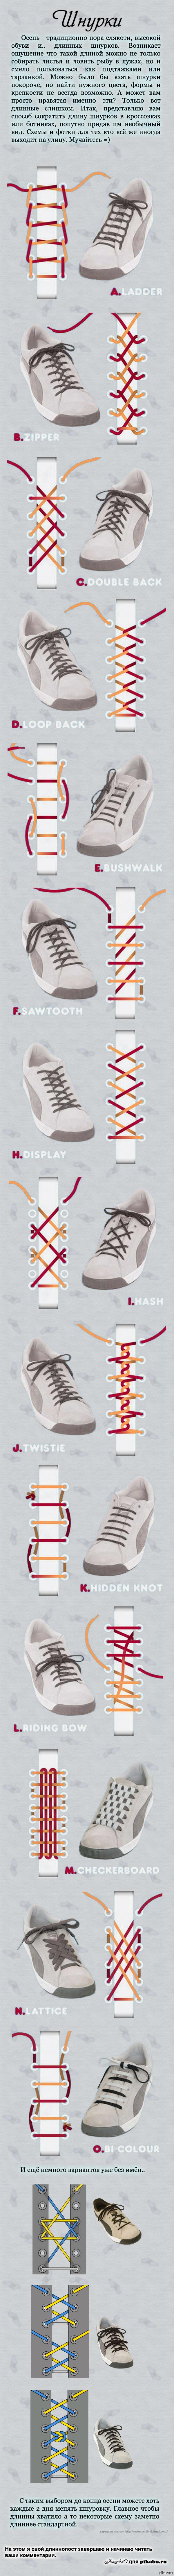 Шнурки Необычные способы шнуровки, решение  проблемы длинных шнурков.  DIMONOVON выкладывал но у него слишком мелко и не все.  шнурки, длиннопост, обувь, шнуровка